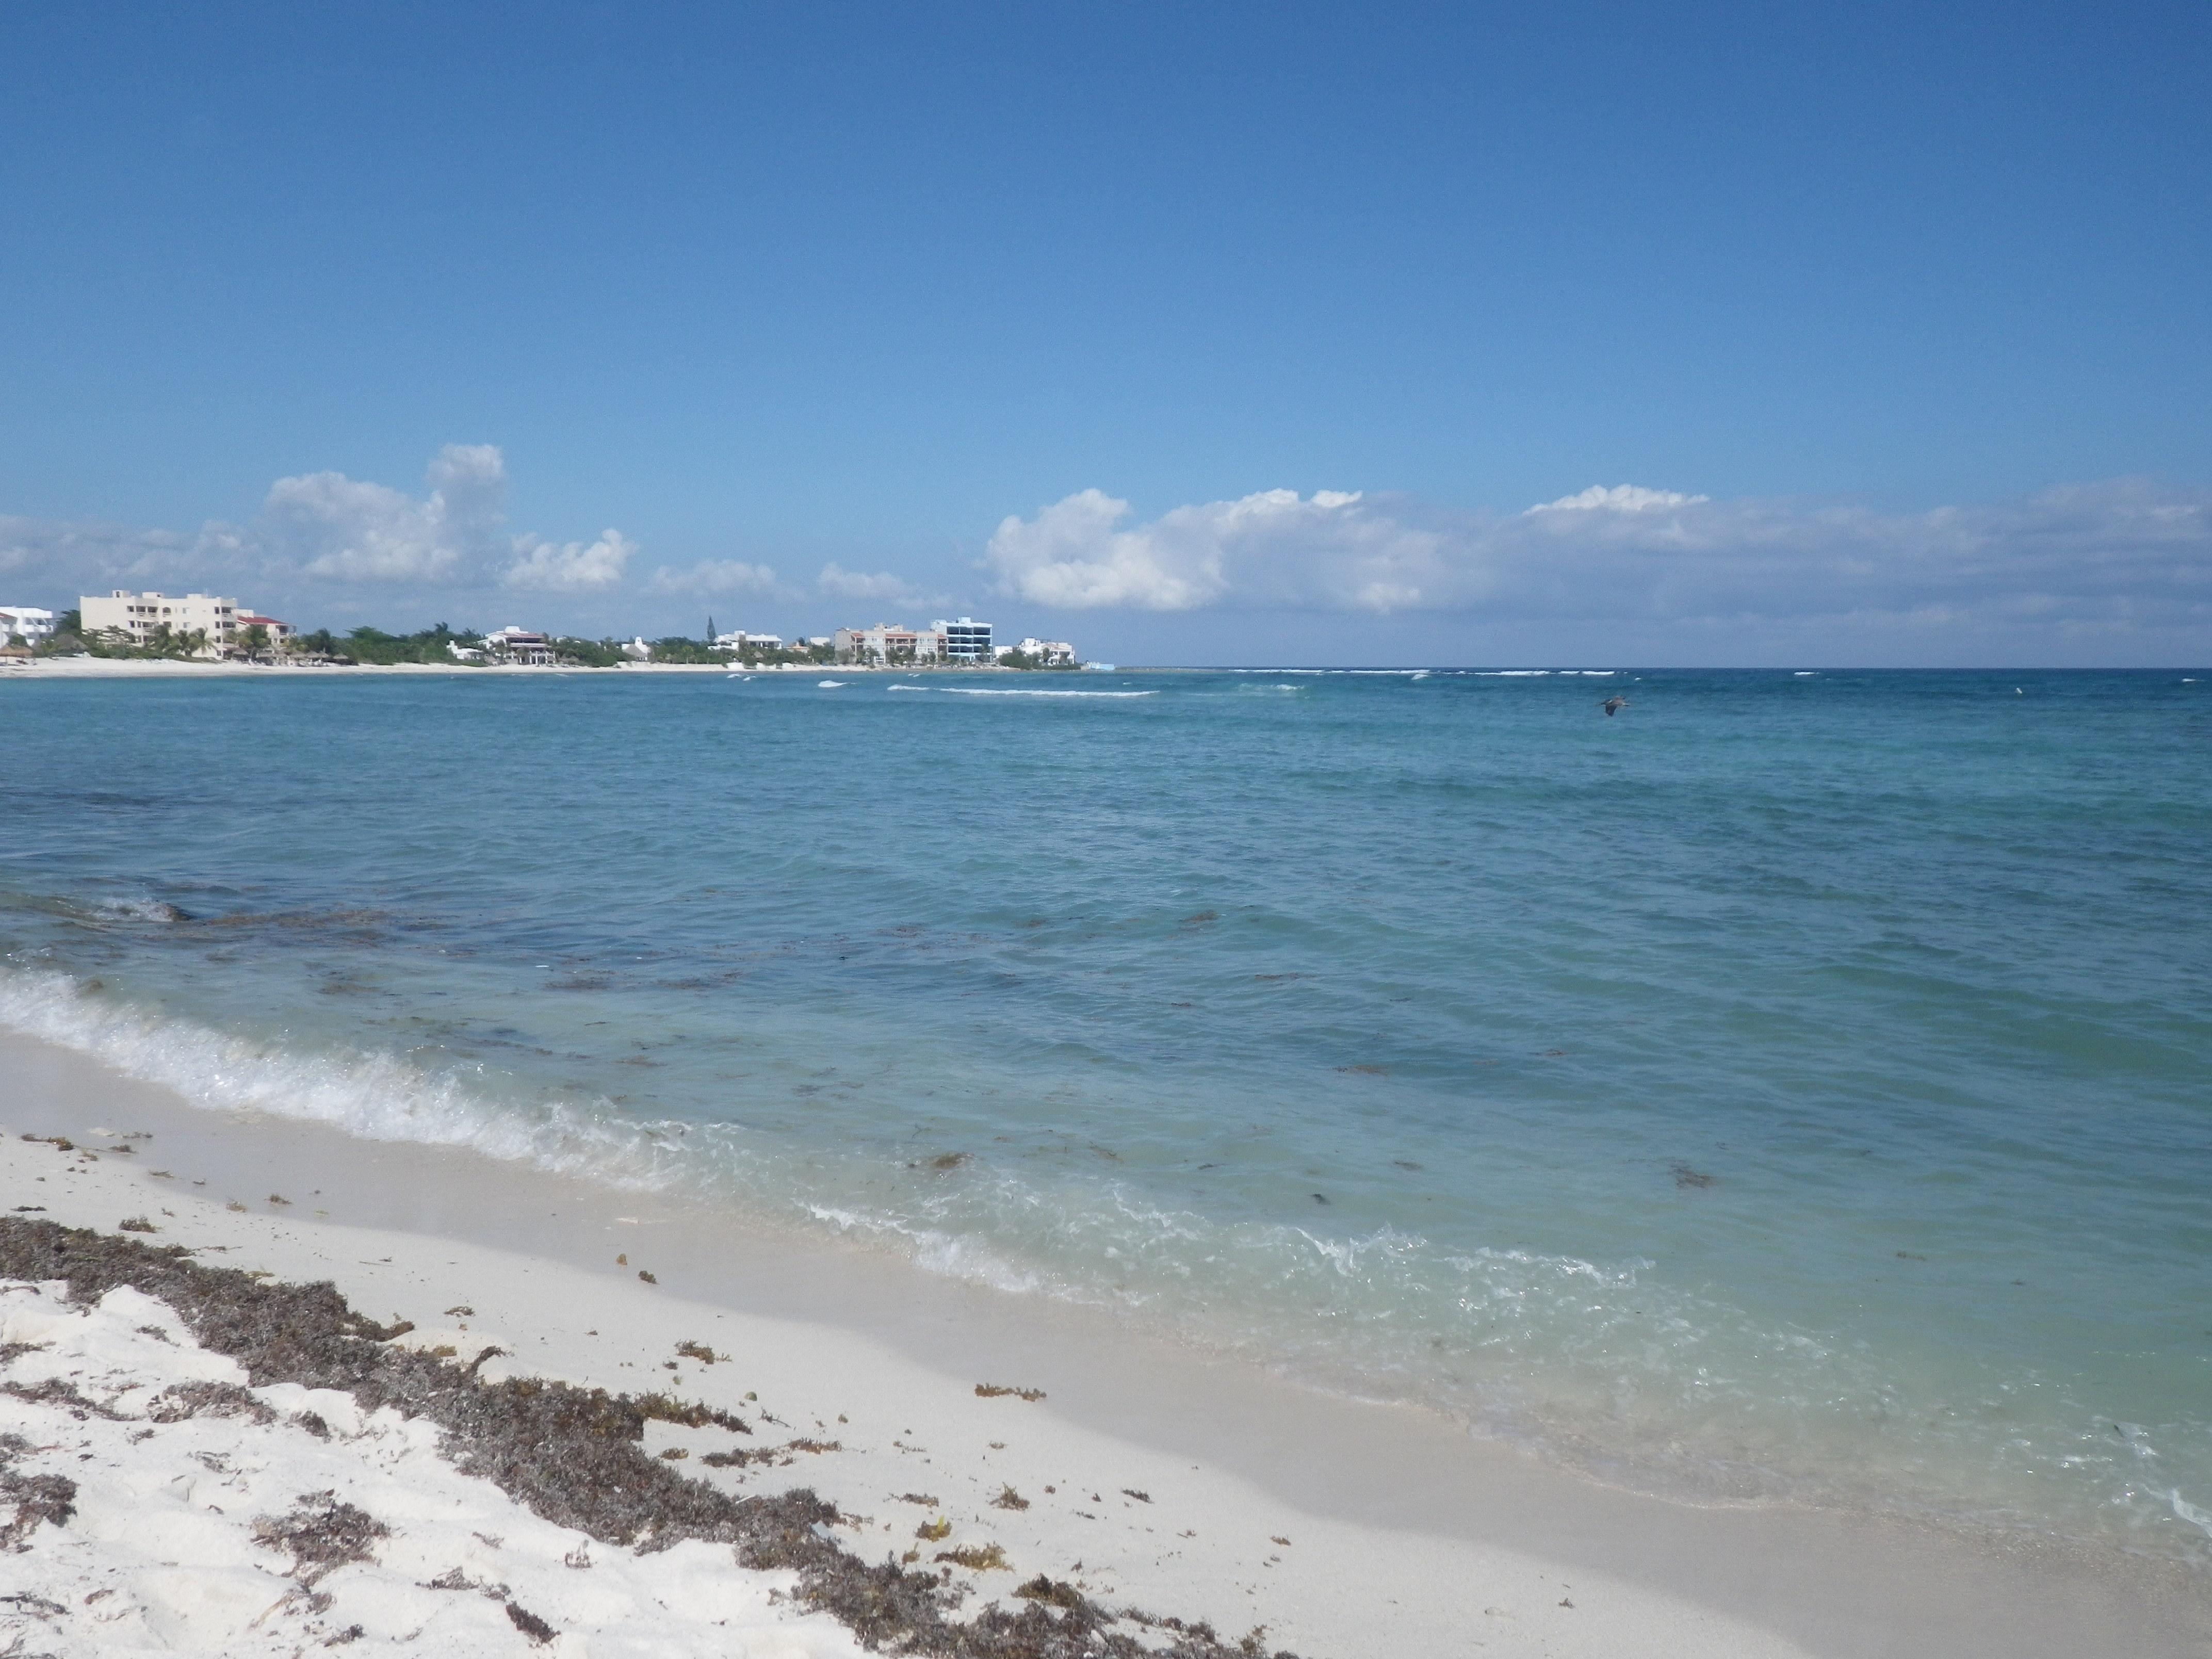 Akumal Bay, Quintana Roo